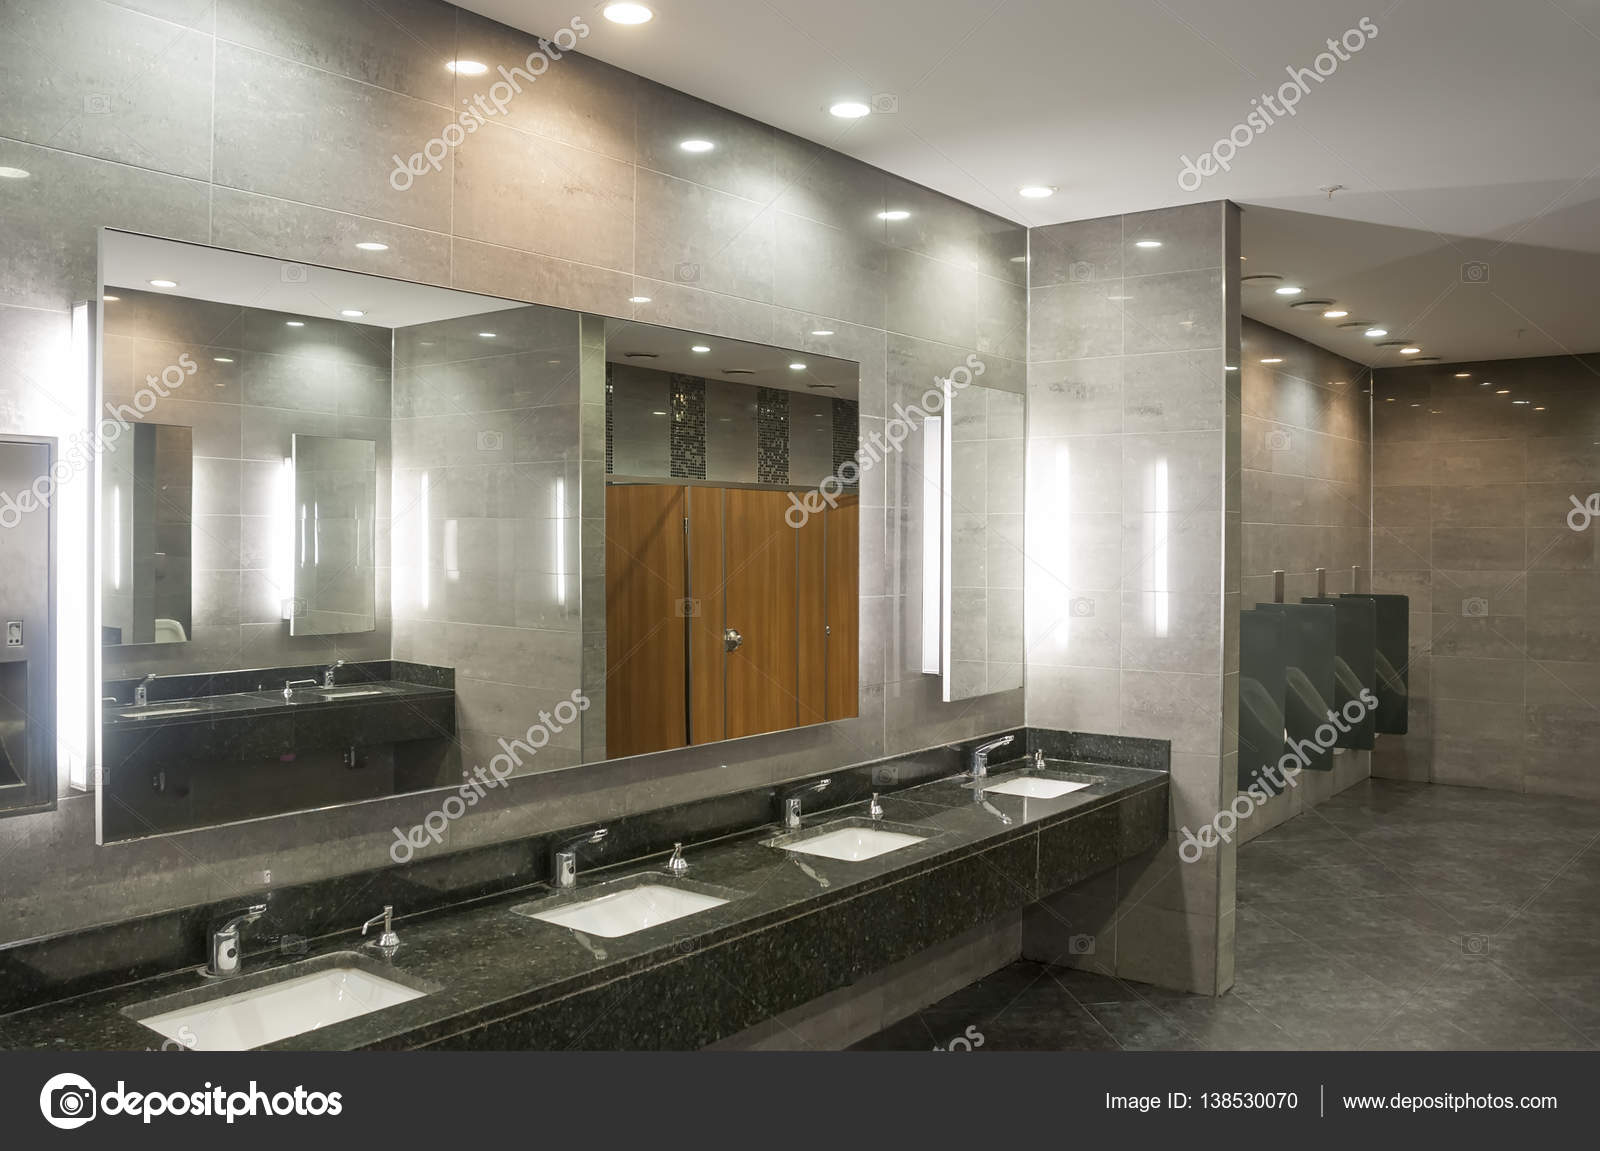 Fesselnde Moderne Inneneinrichtung Dekoration Von Wc-raum In Die — Stockfoto